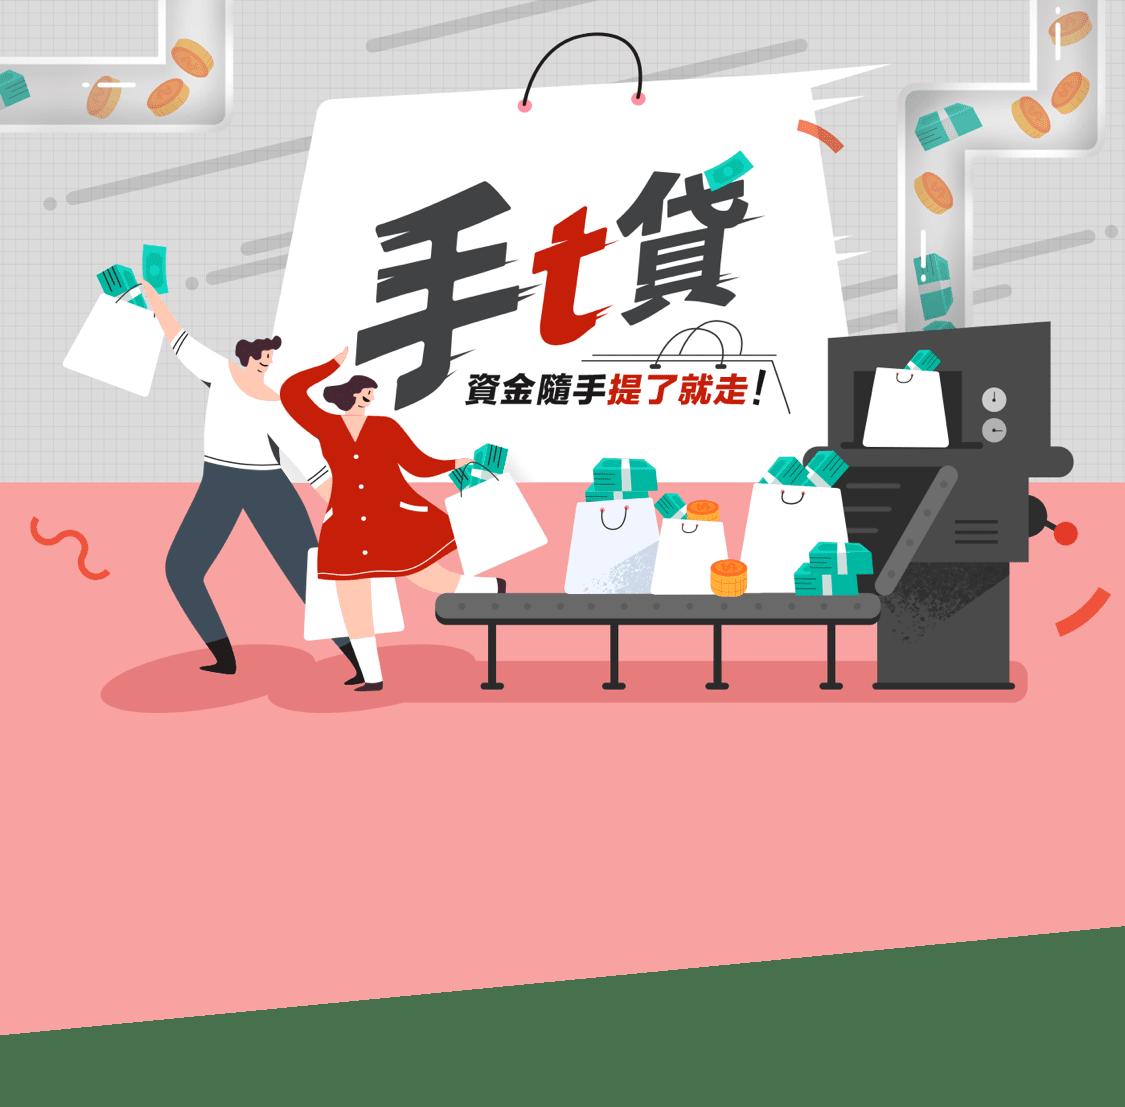 手T貸-台新銀行信用貸款